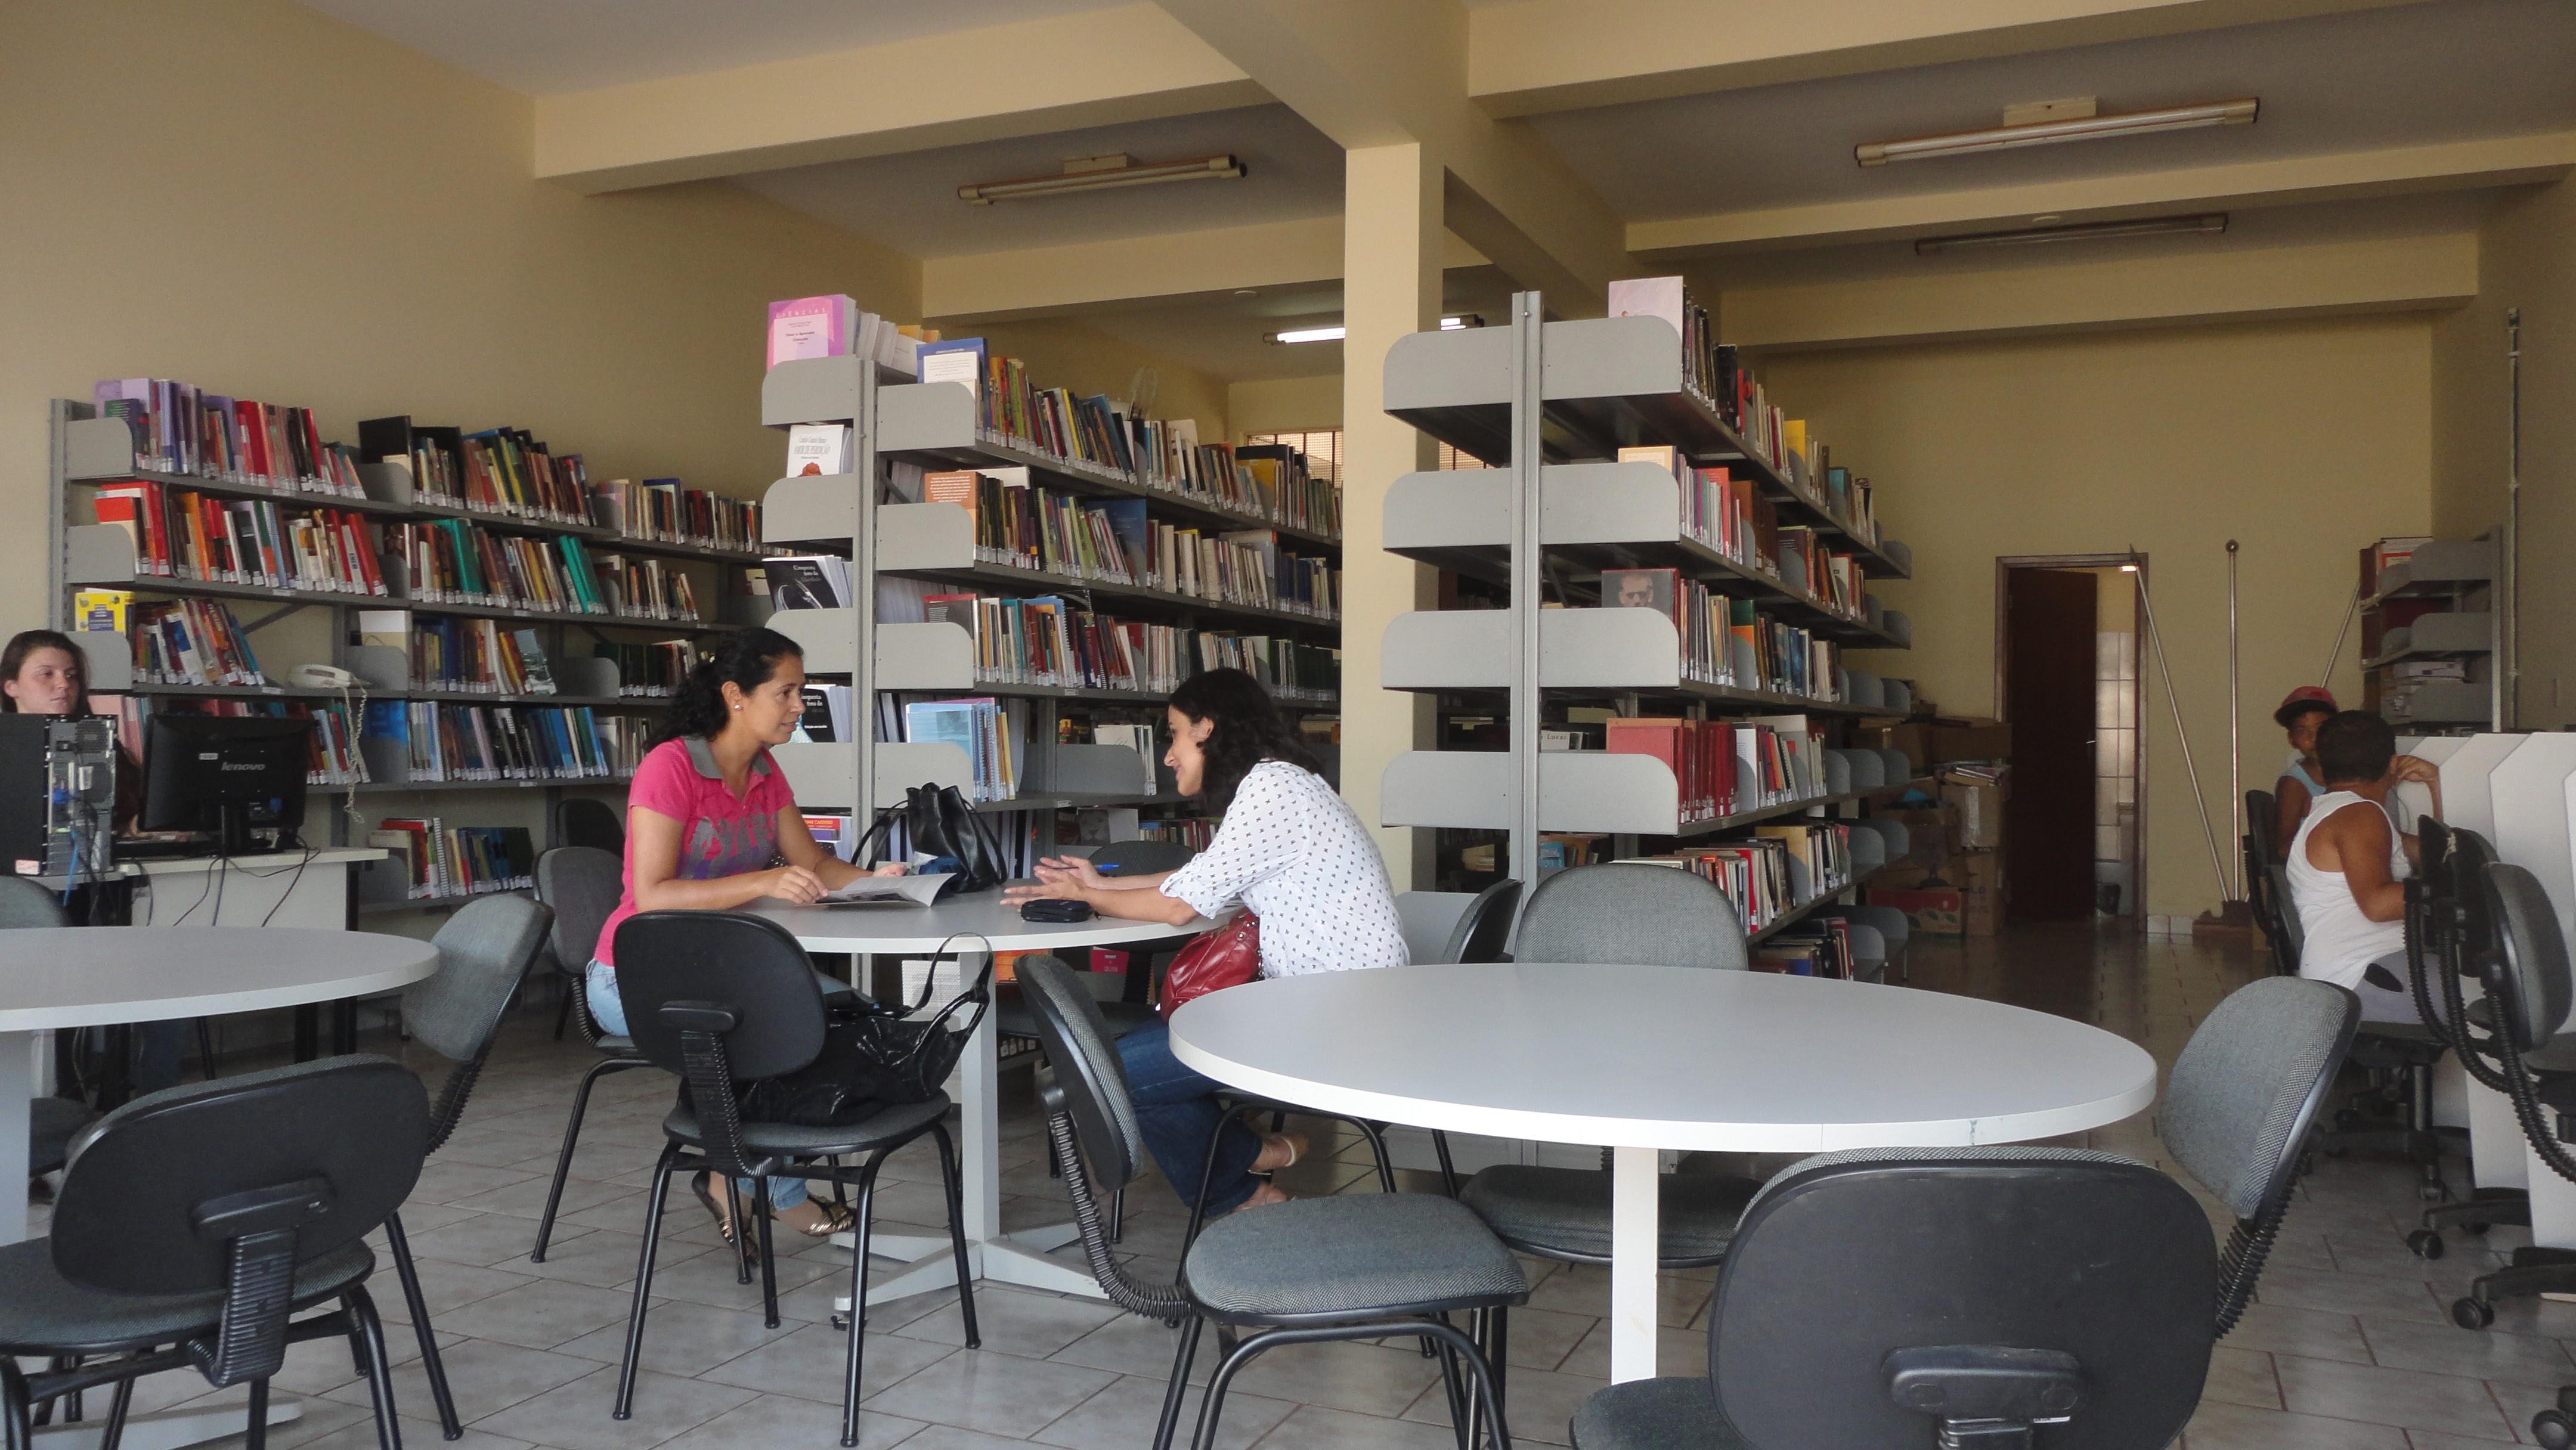 Visita técnica realizada na biblioteca pública de Pimenta (MG), em 2016 (Foto: Sistema Estadual de Bibliotecas Públicas Municipais)